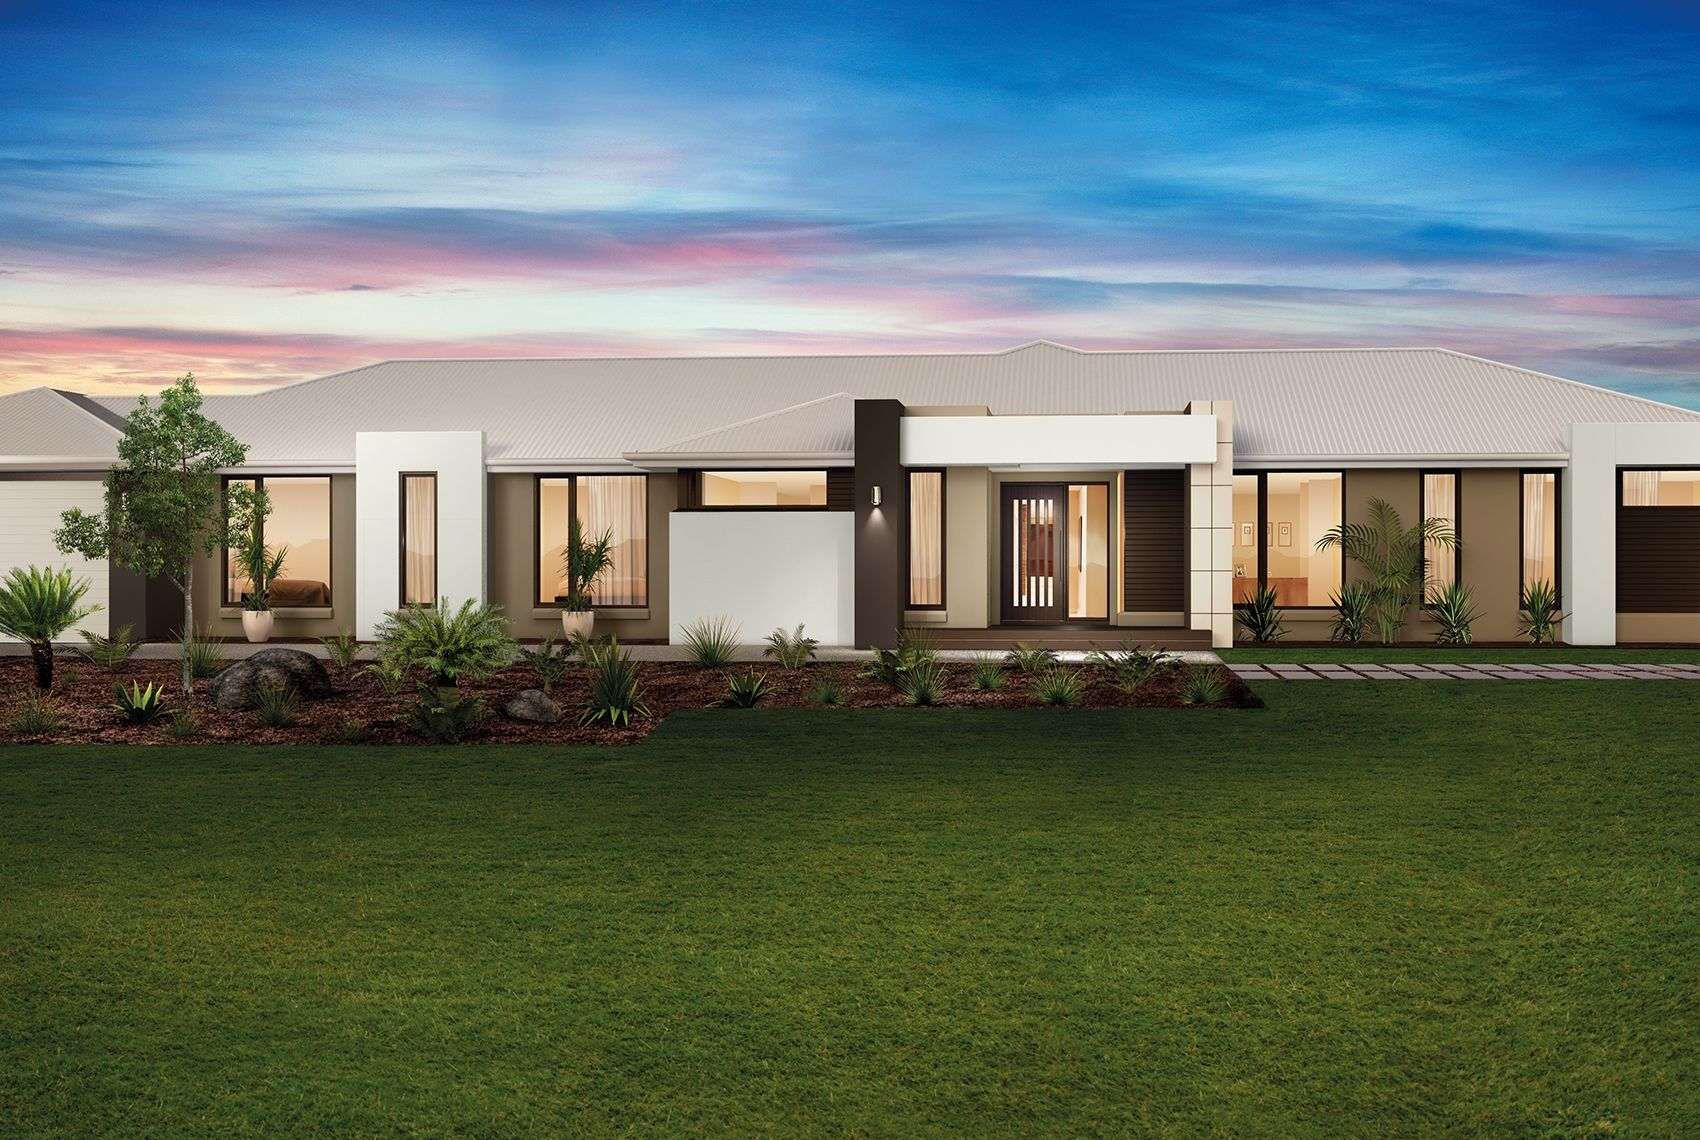 Colorado 38 Modern Facade House Design New Home Designs